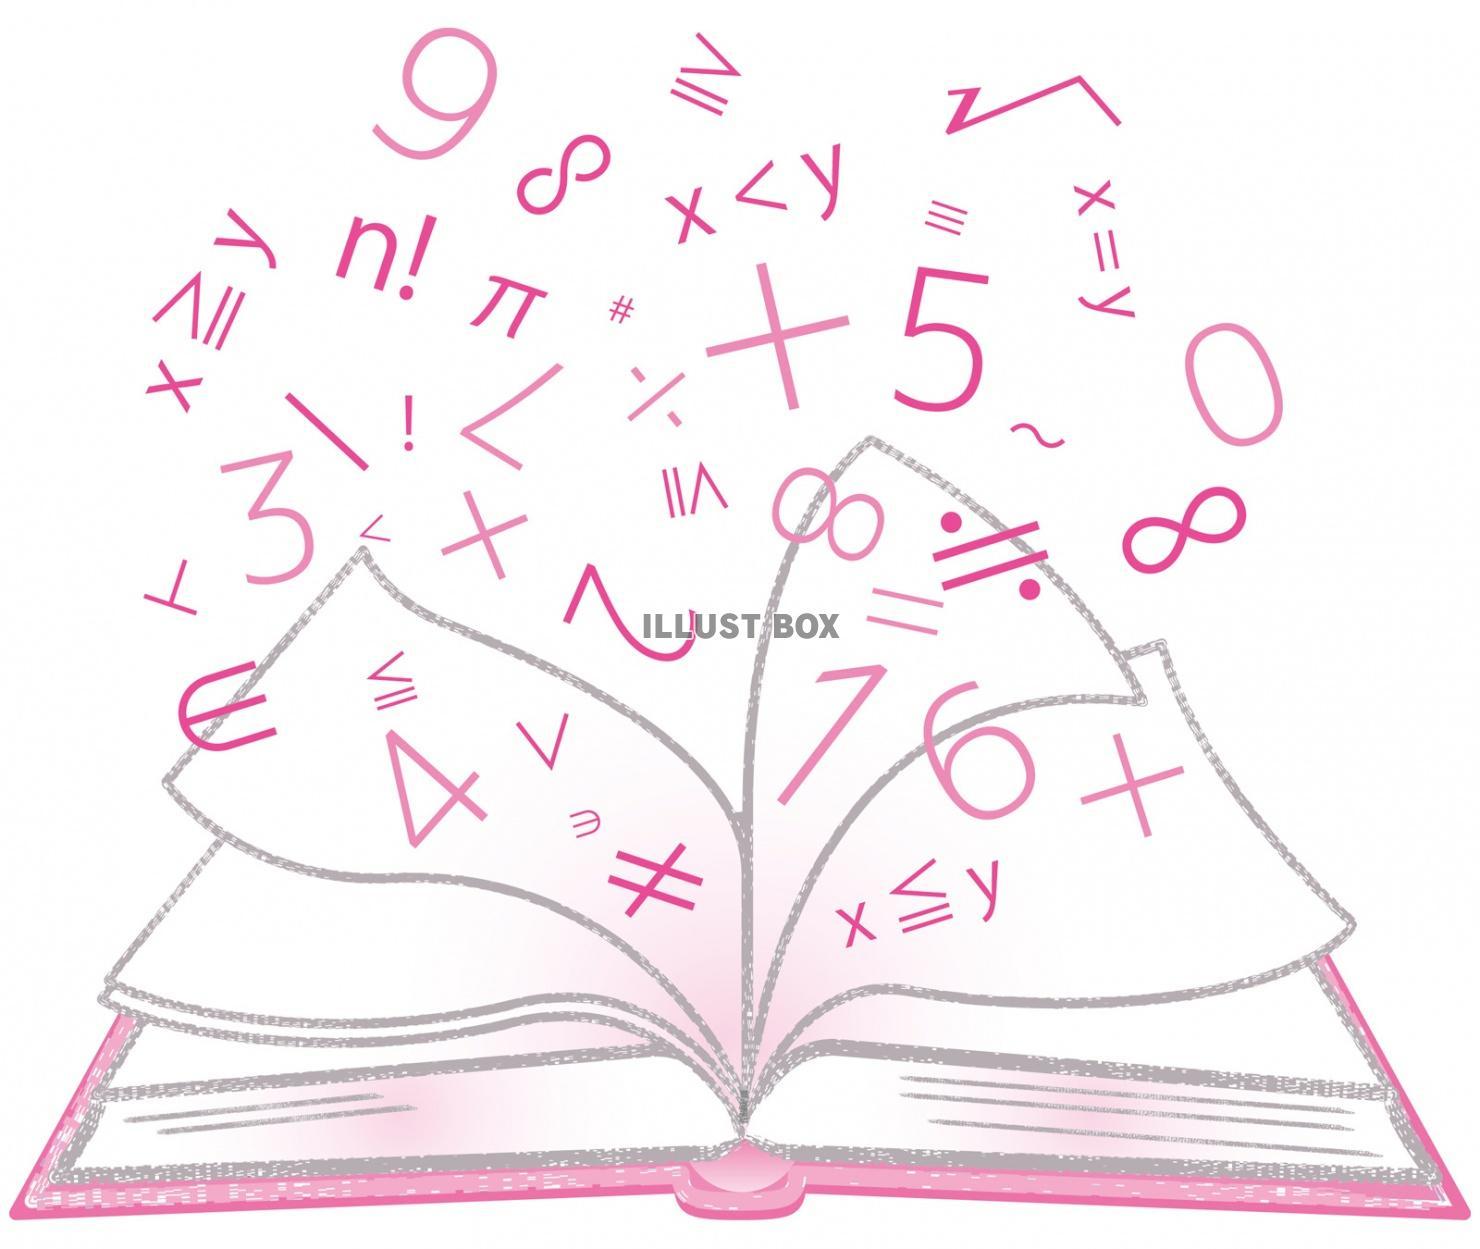 数学,算数,数字,イラスト,教科書,本,参考書,公式,足し算...